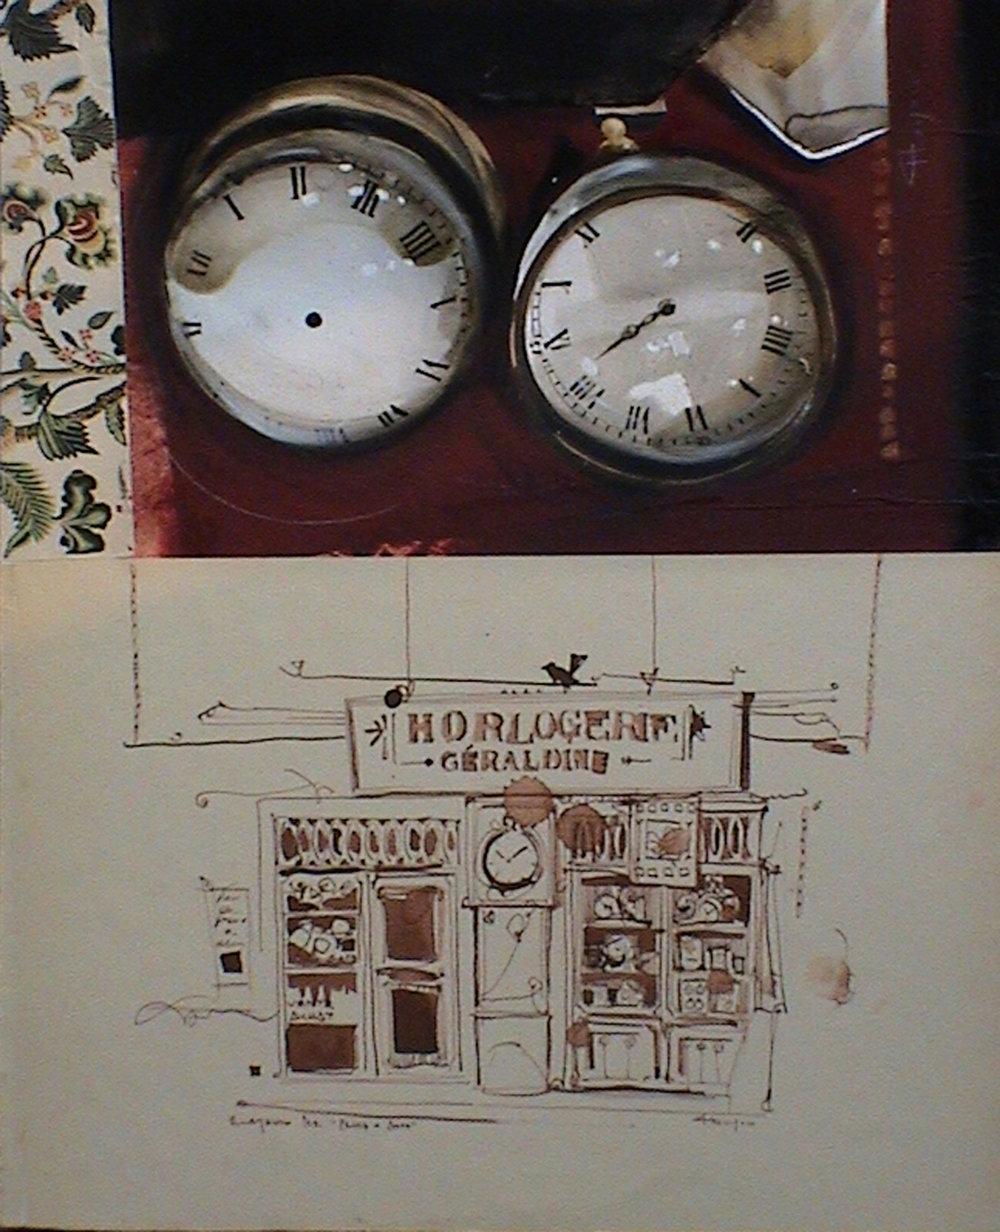 horlogerie geraldine, 2004